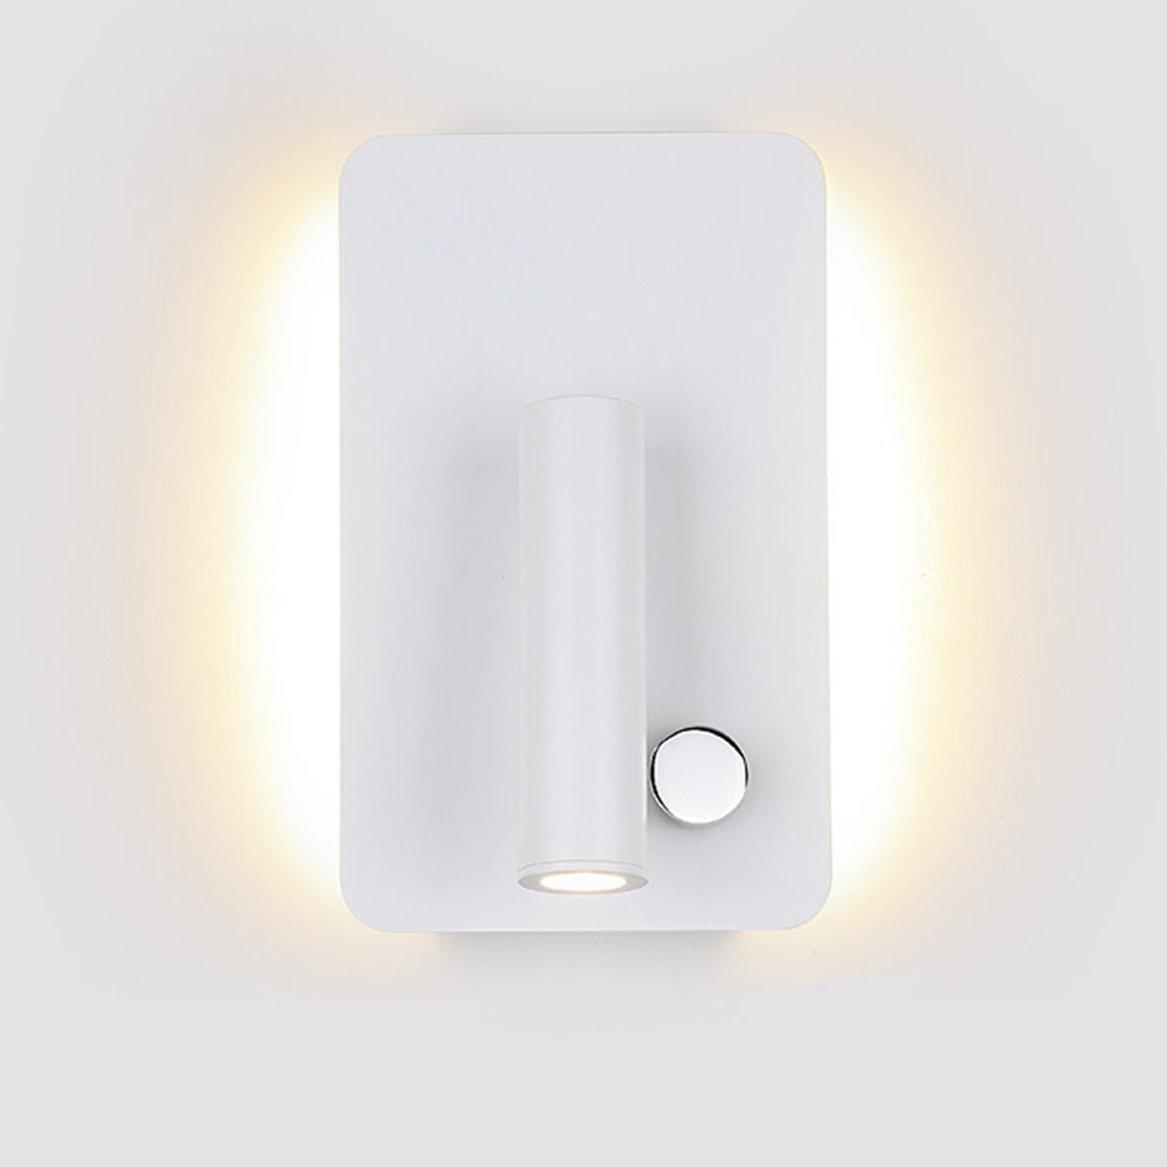 Azanaz Applique da parete LED a incasso per lettura , lampada da parete da notte per lettura , Luce LED da lettura ,Proiettore LED rotazione a 350 gradi da per vicino letto , Divano , Comodino (13cm - Bianco) [Classe di efficienza energetica A+] MERLONG